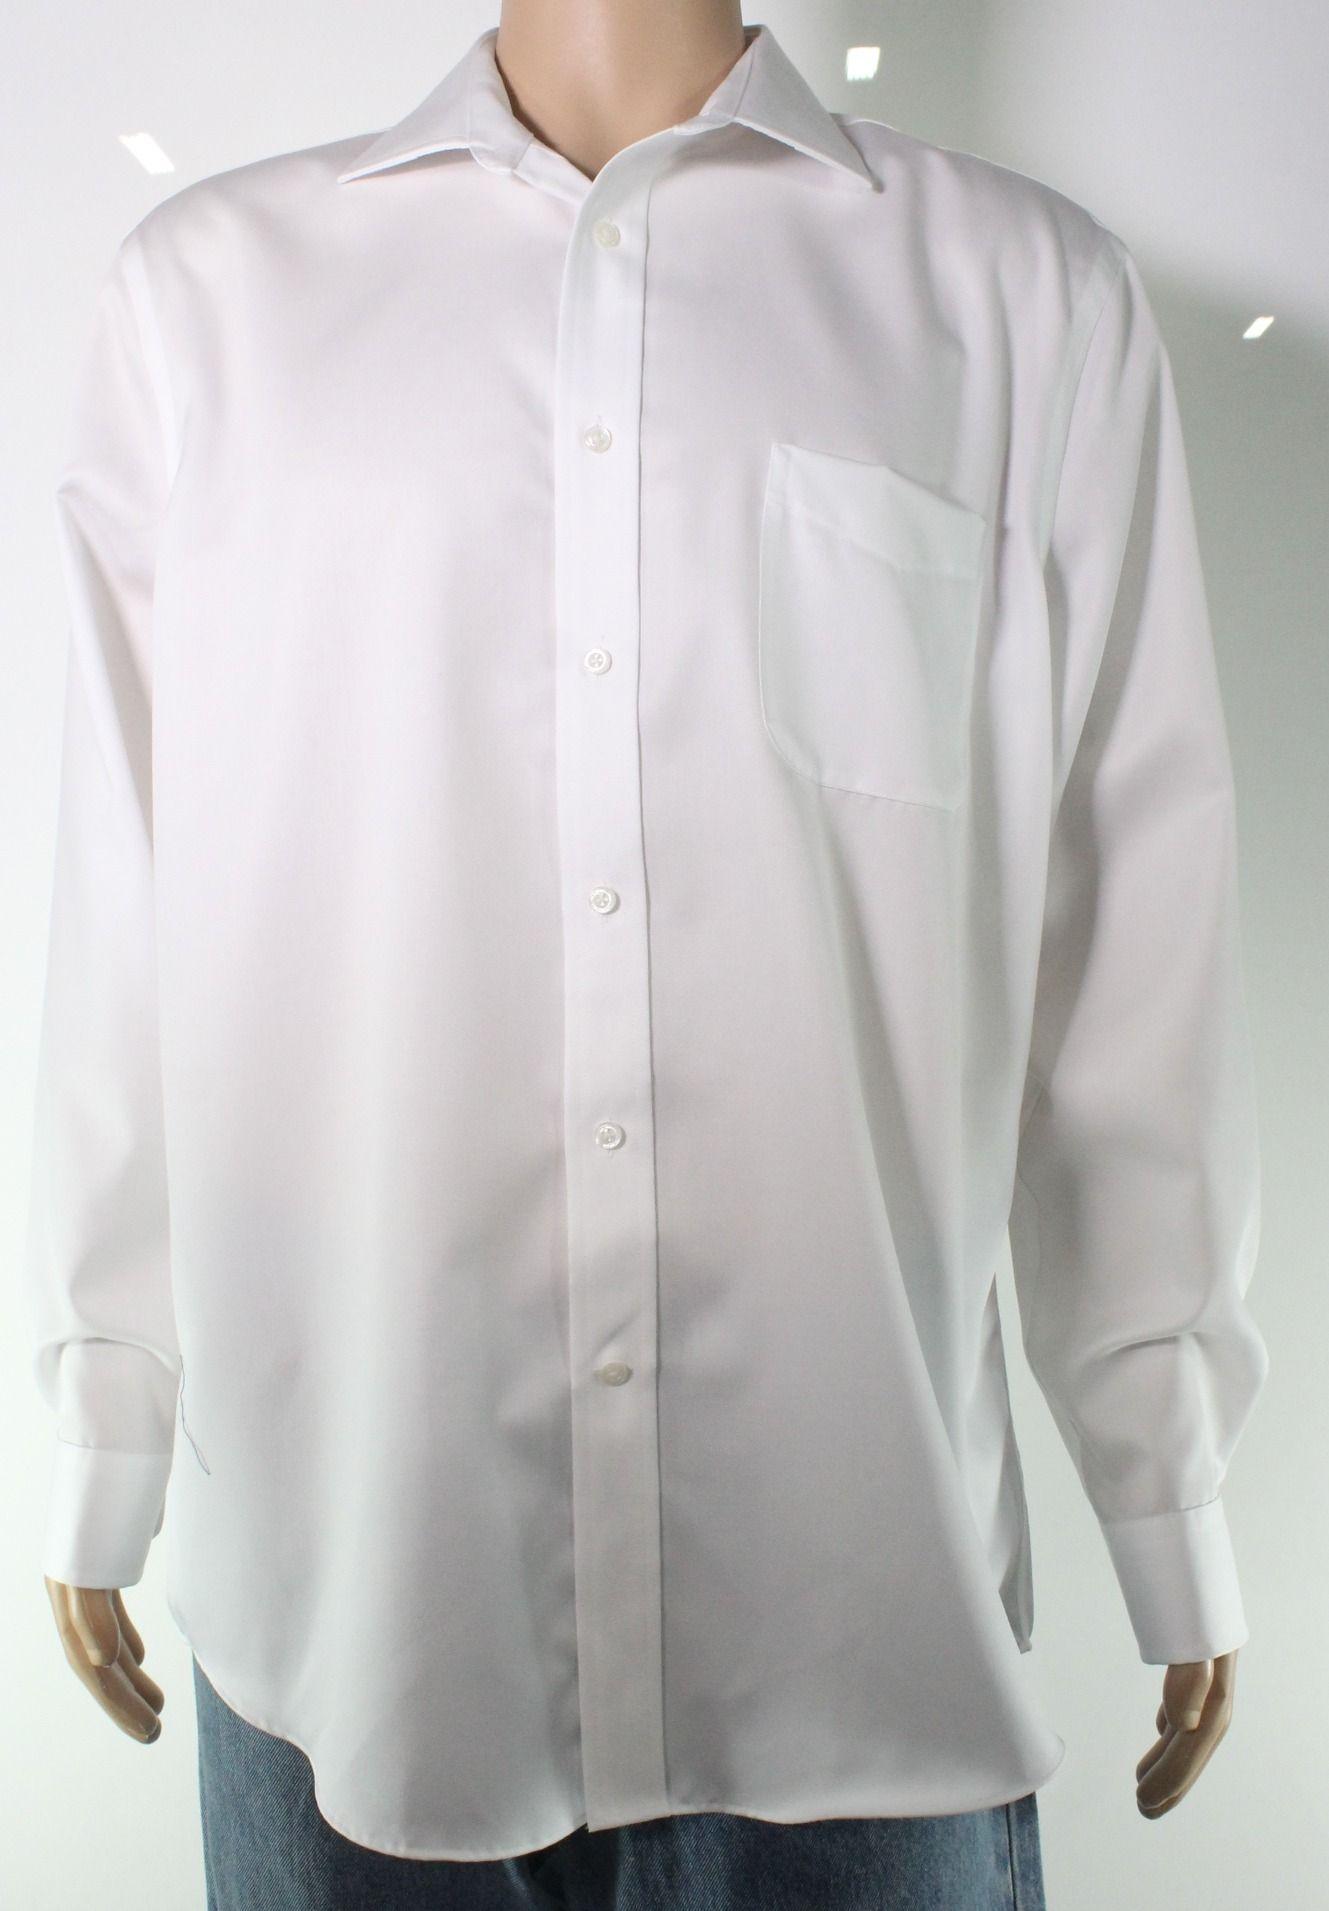 Lauren by Ralph Lauren Mens Dress Shirt White Size 17 Button-Down